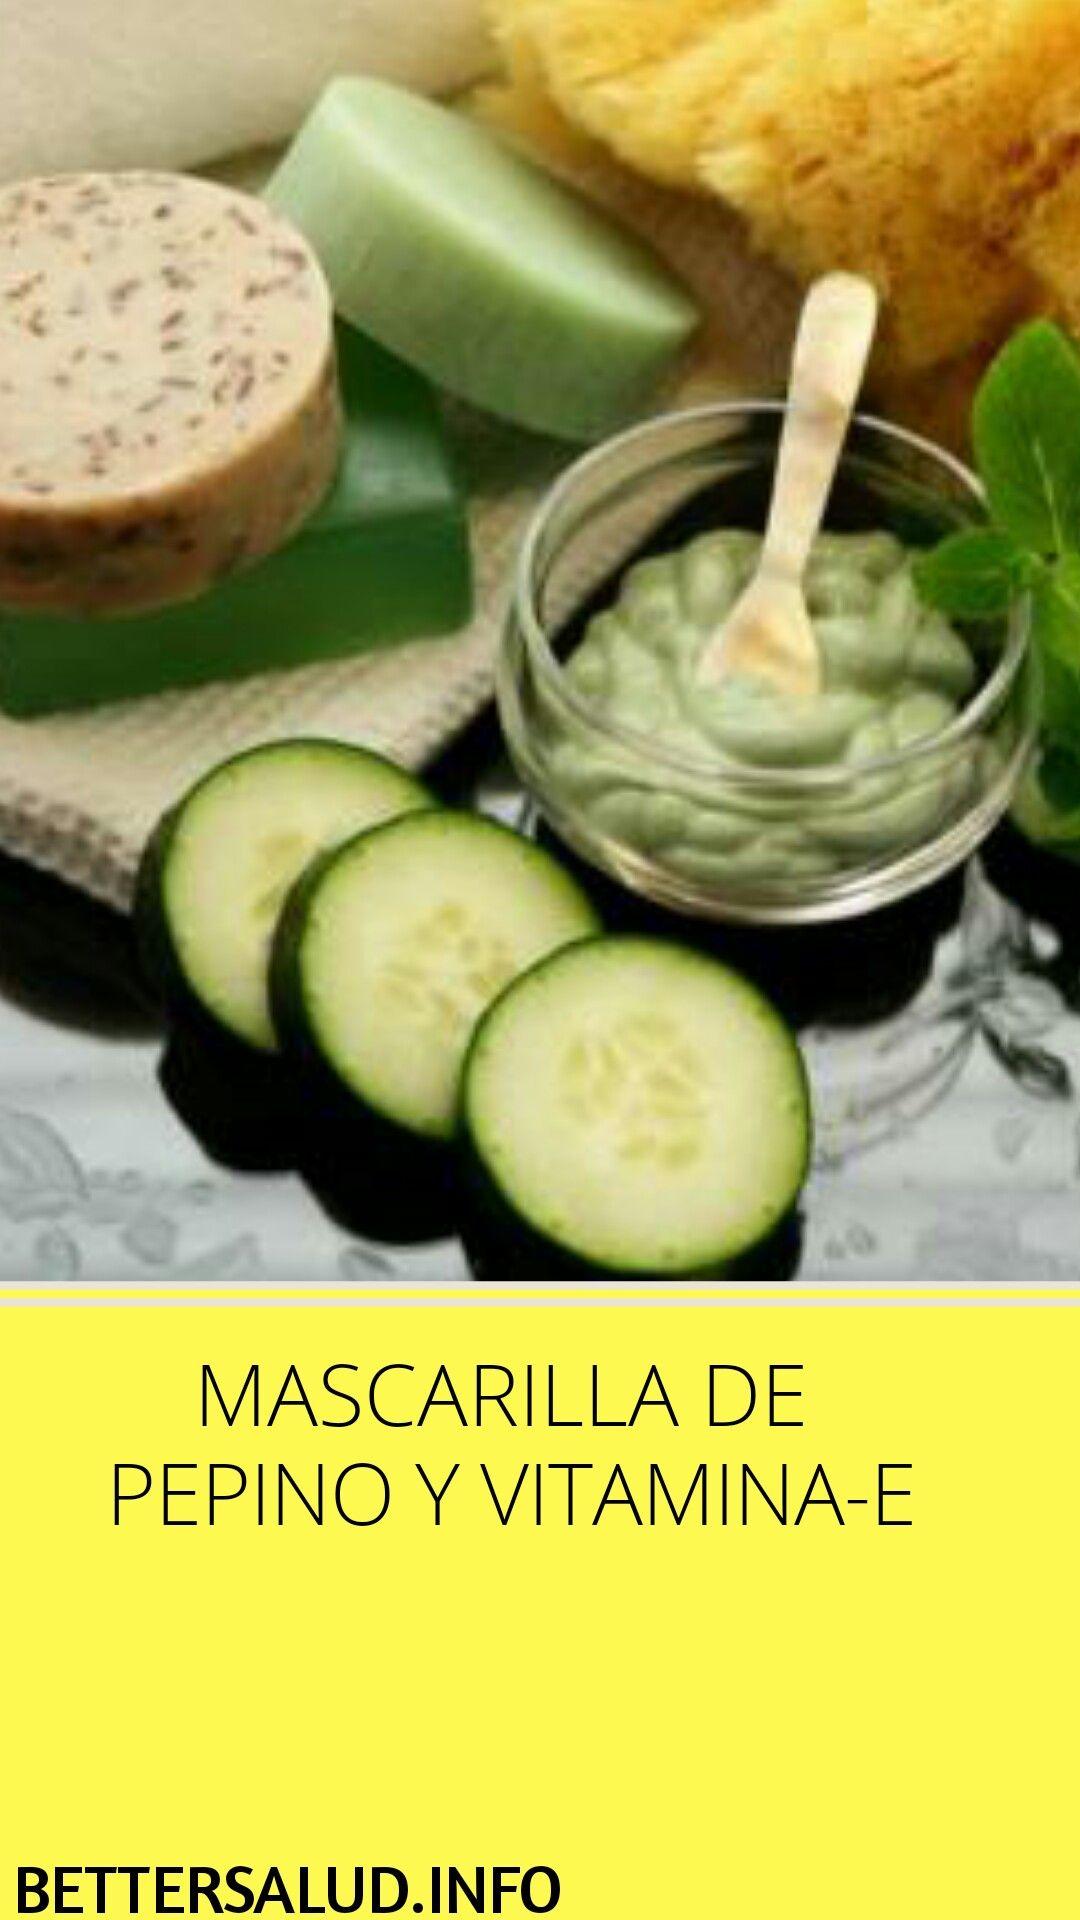 Mascarilla De Pepino Y Vitamina E Mascarillas Pepino Vitamina E Vitamina Natural Food Cucumber Vegetables